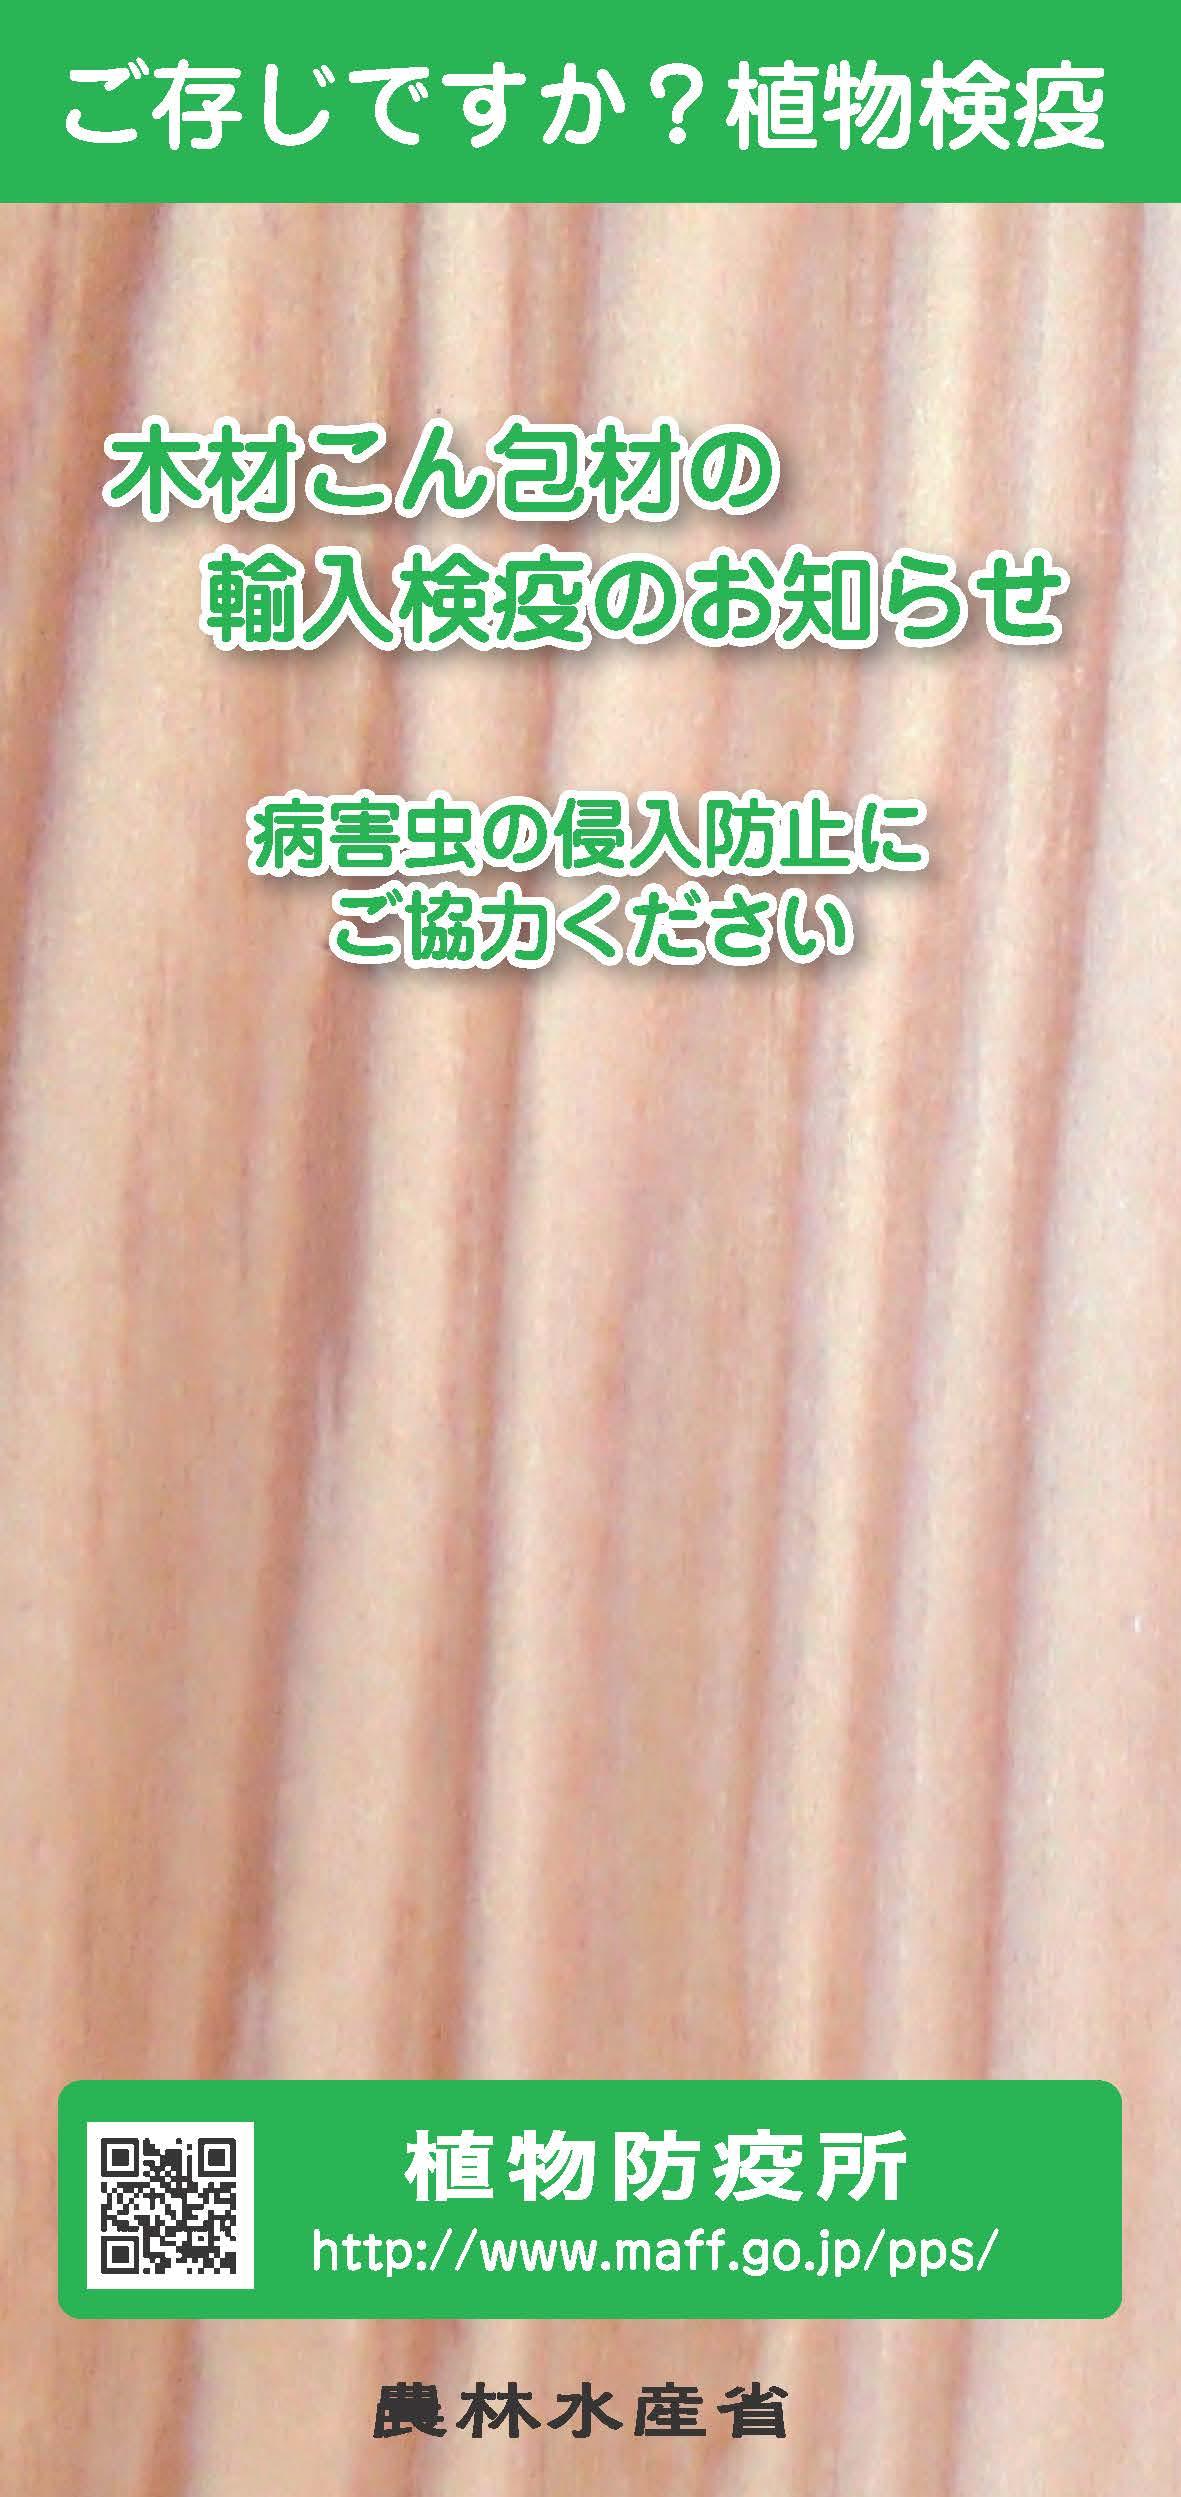 木材こん包材(日本語)リーフレット